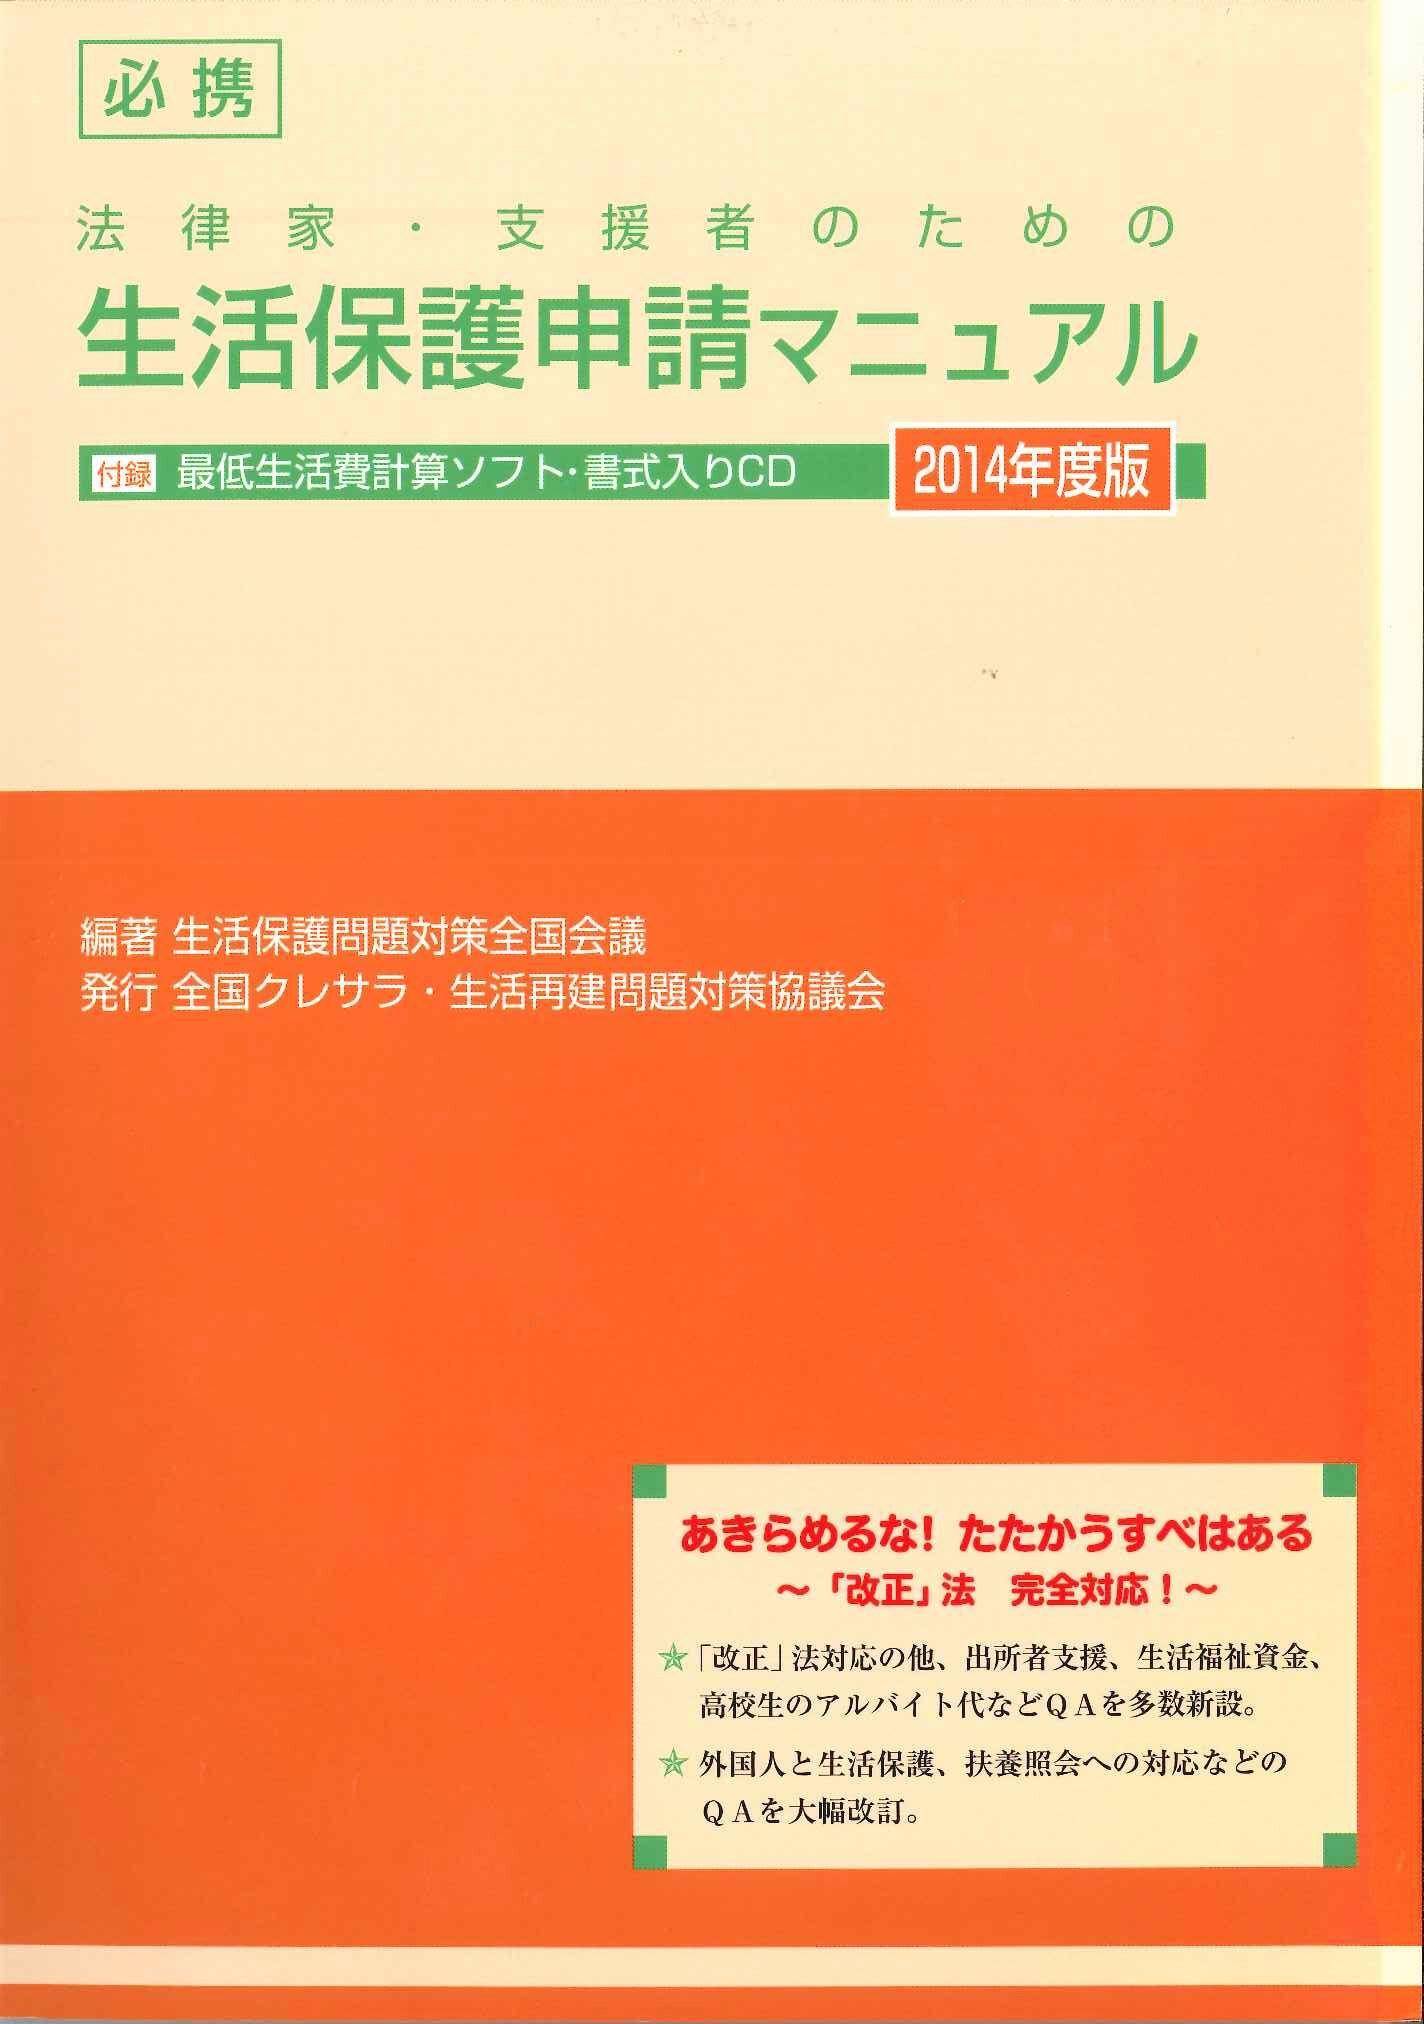 全国クレサラ・生活再建問題対策協議会/大阪府大阪市中央区